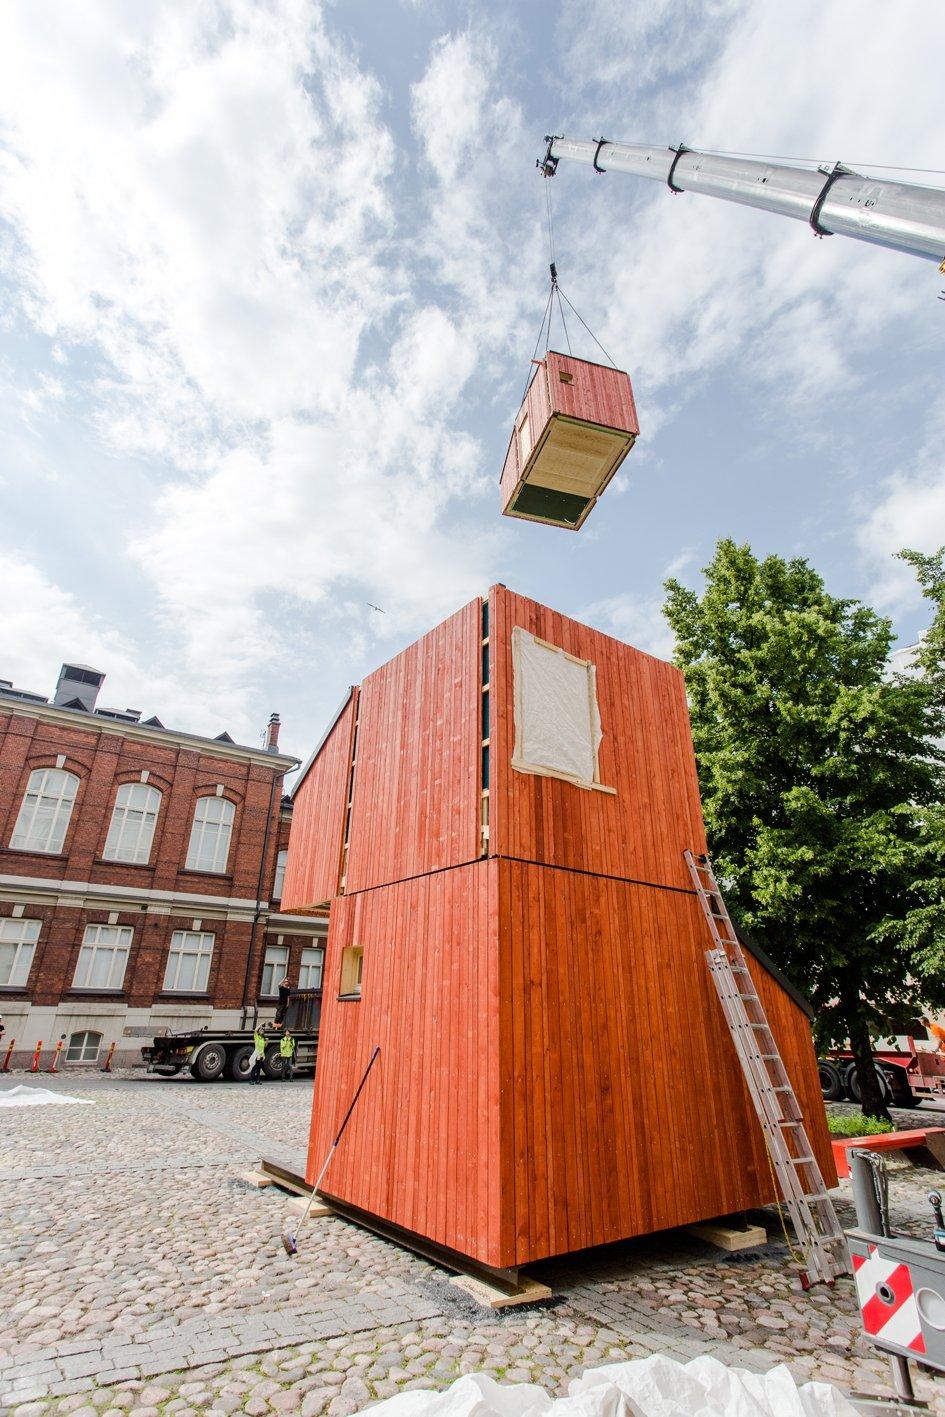 kokoon system f r modulares bauen und wohnen ausgezeichnet. Black Bedroom Furniture Sets. Home Design Ideas